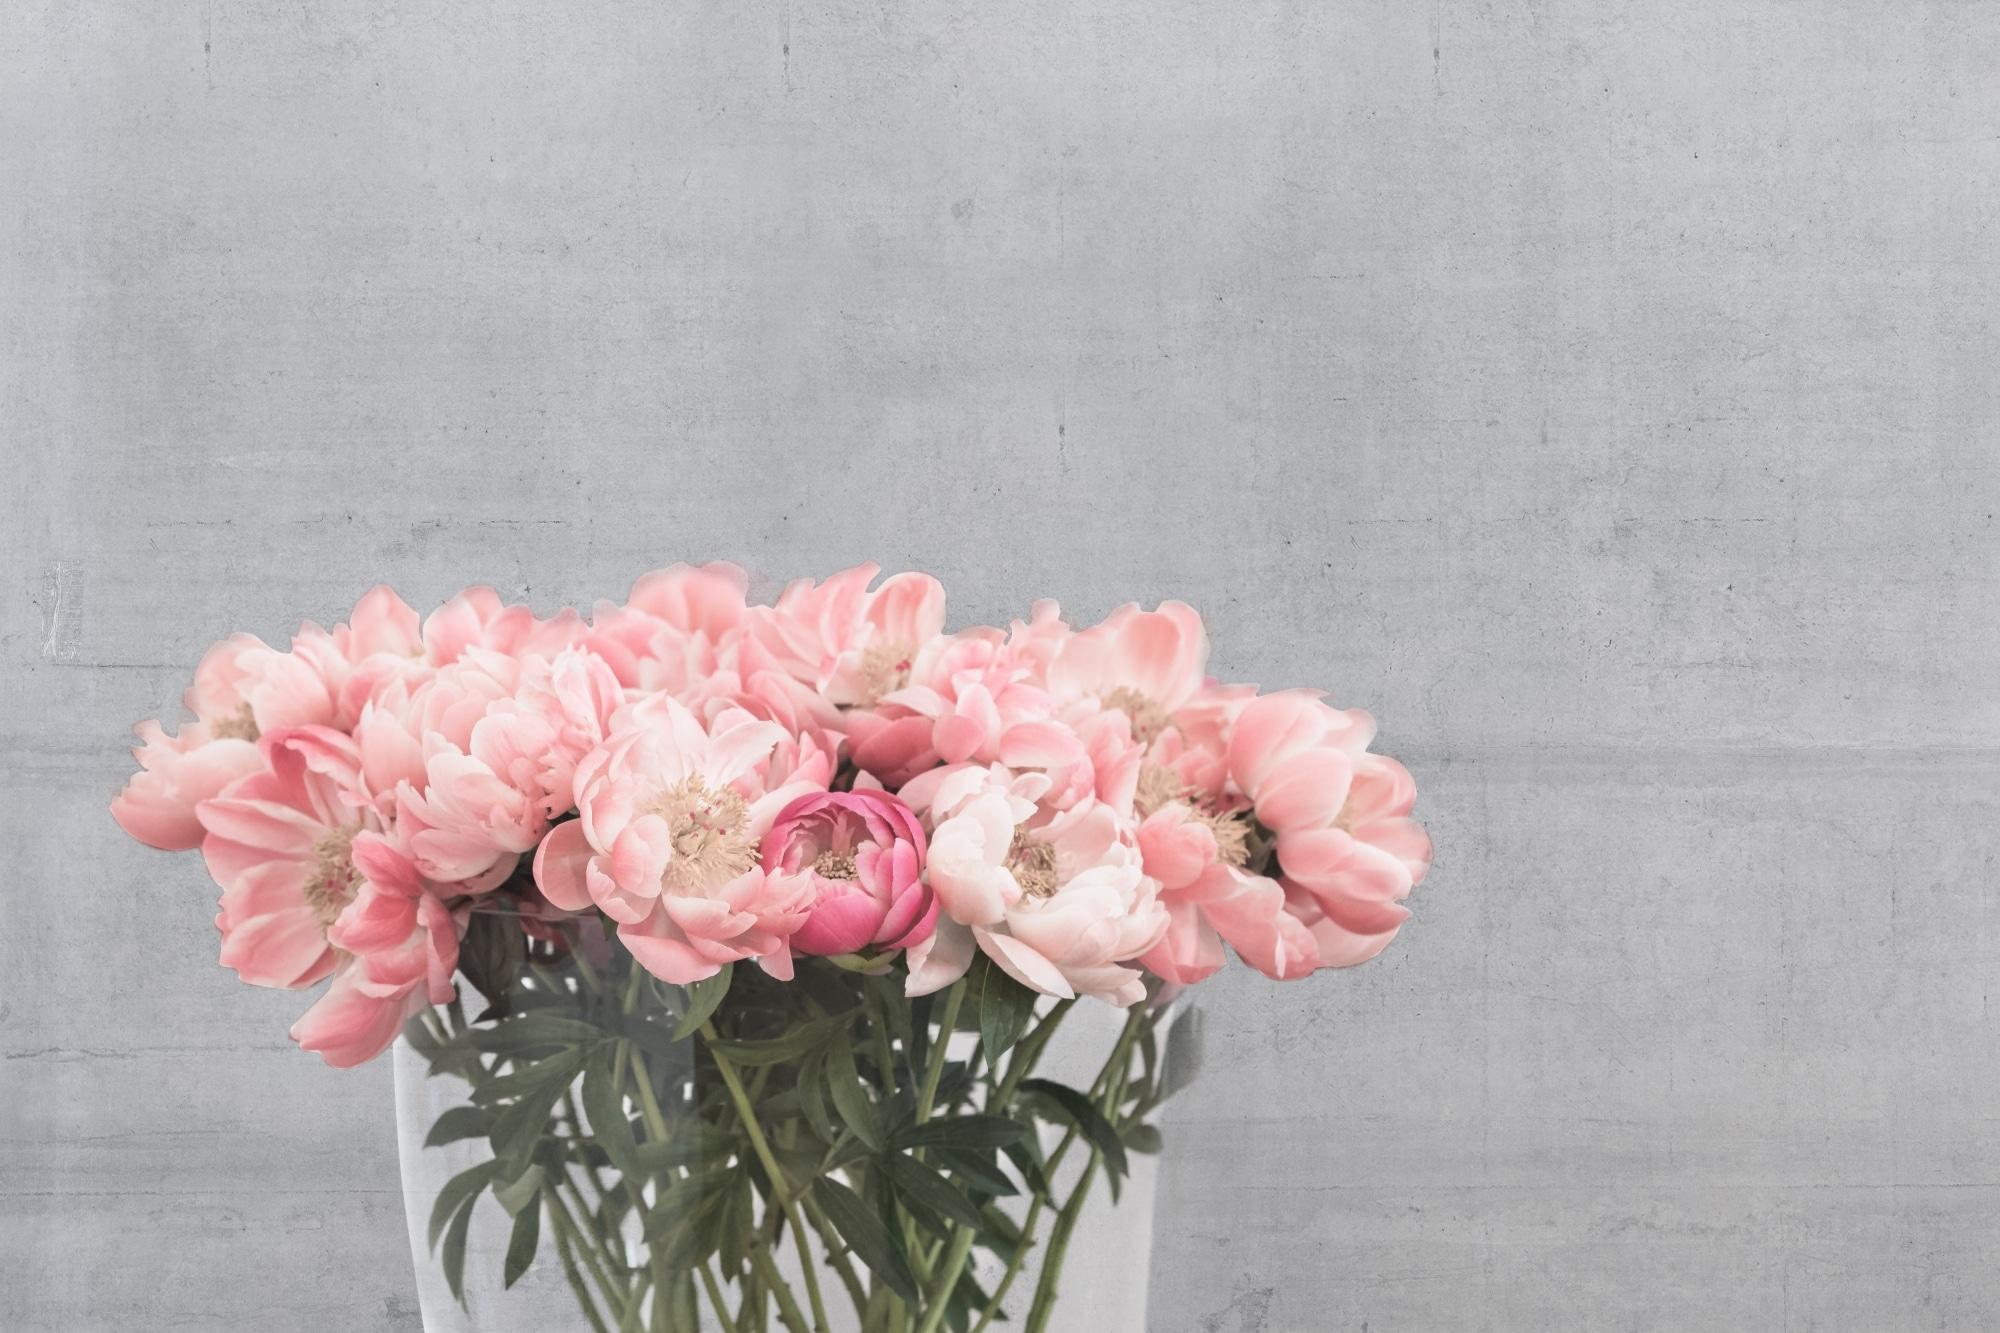 Zarte rosa Blümchen in einer Vase vor einer Betonwand.